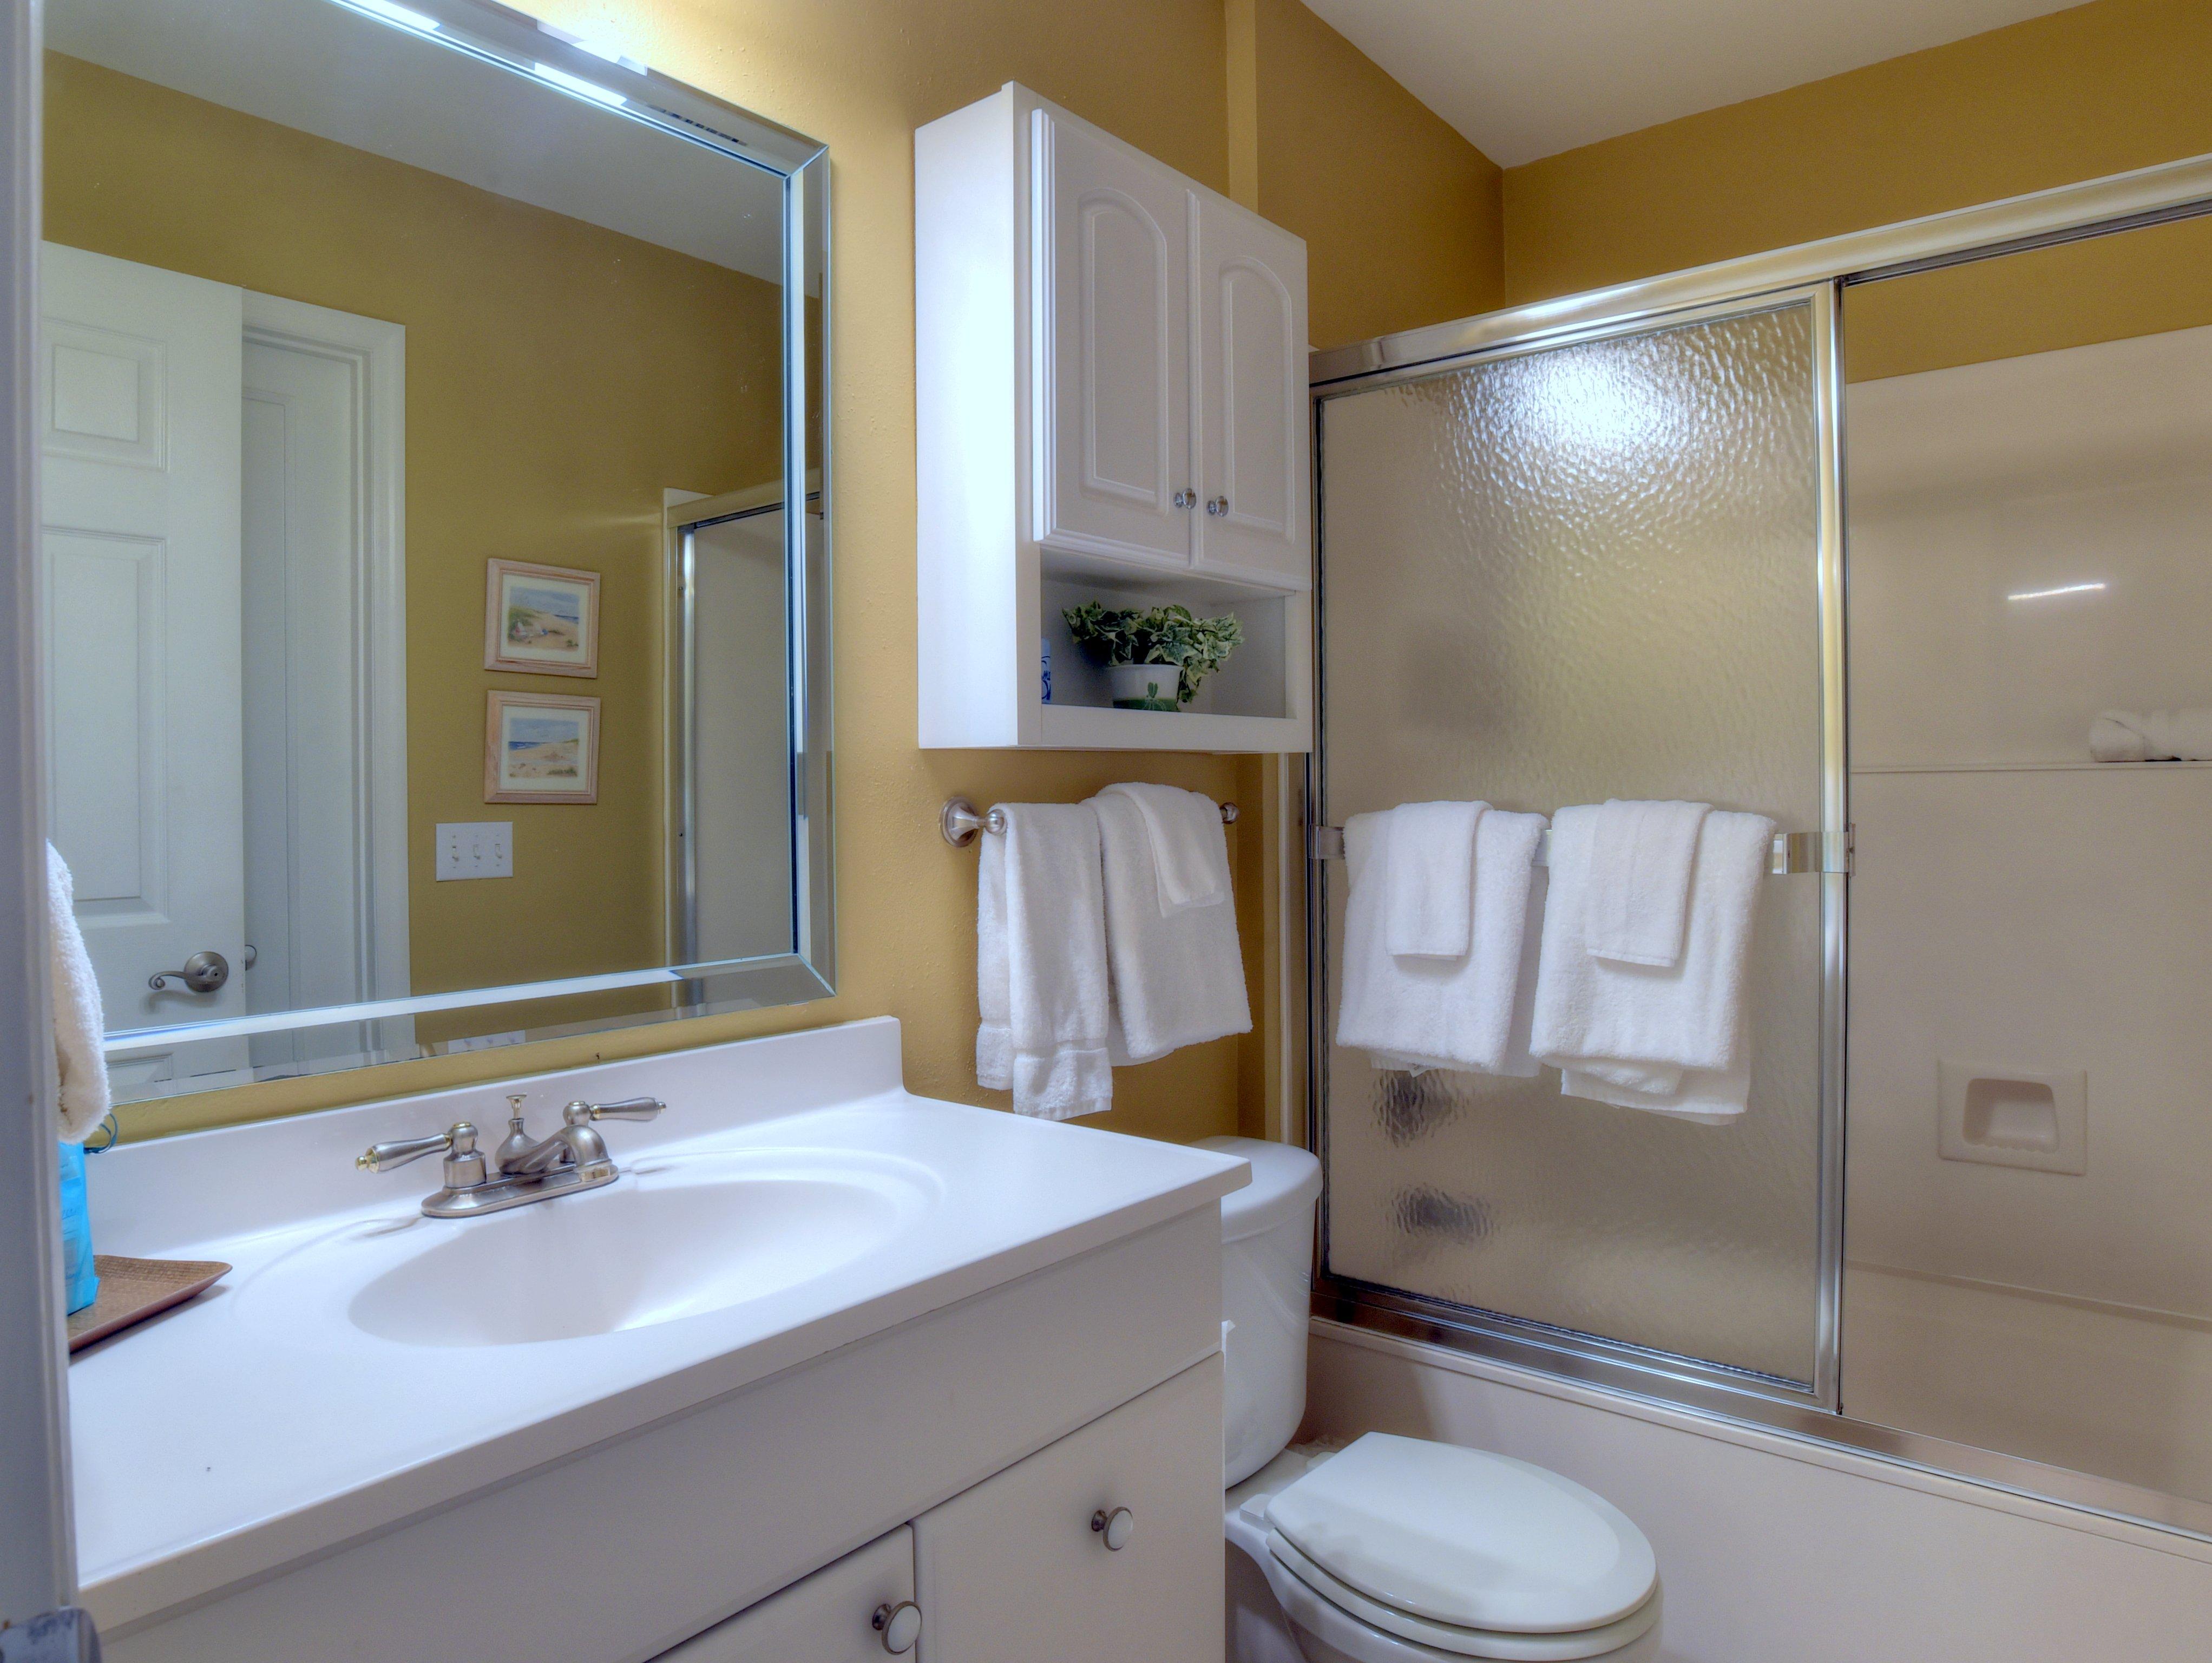 285 Fairways Condo rental in Sandestin Rentals ~ Cottages and Villas  in Destin Florida - #14